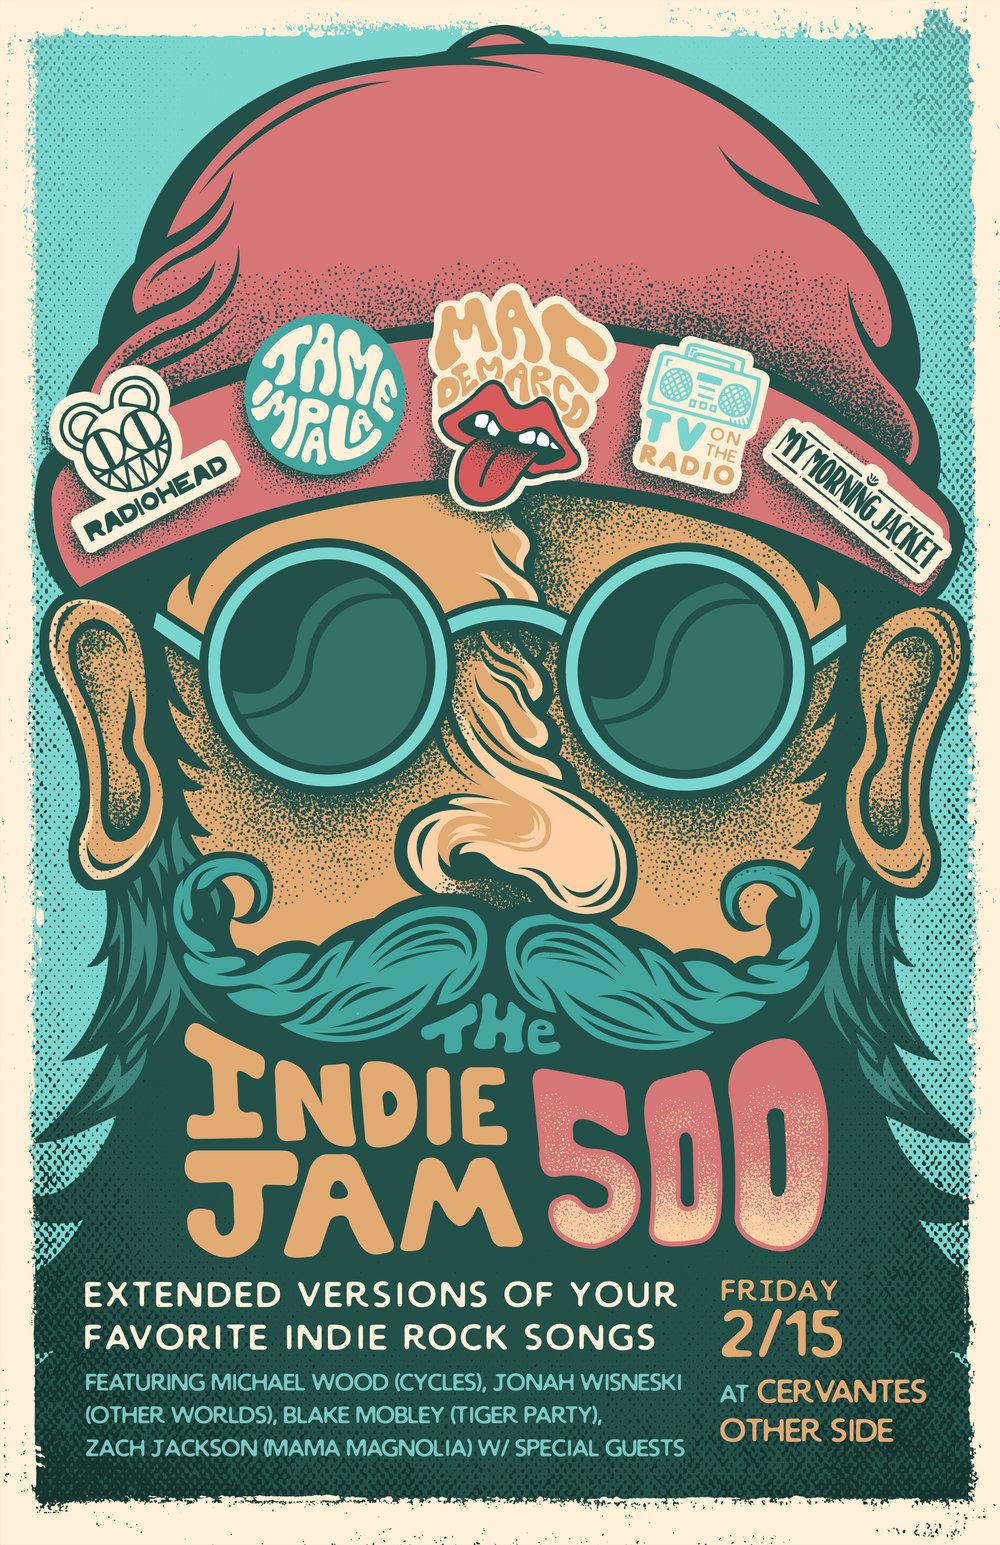 indie-jam-500 (1).jpg